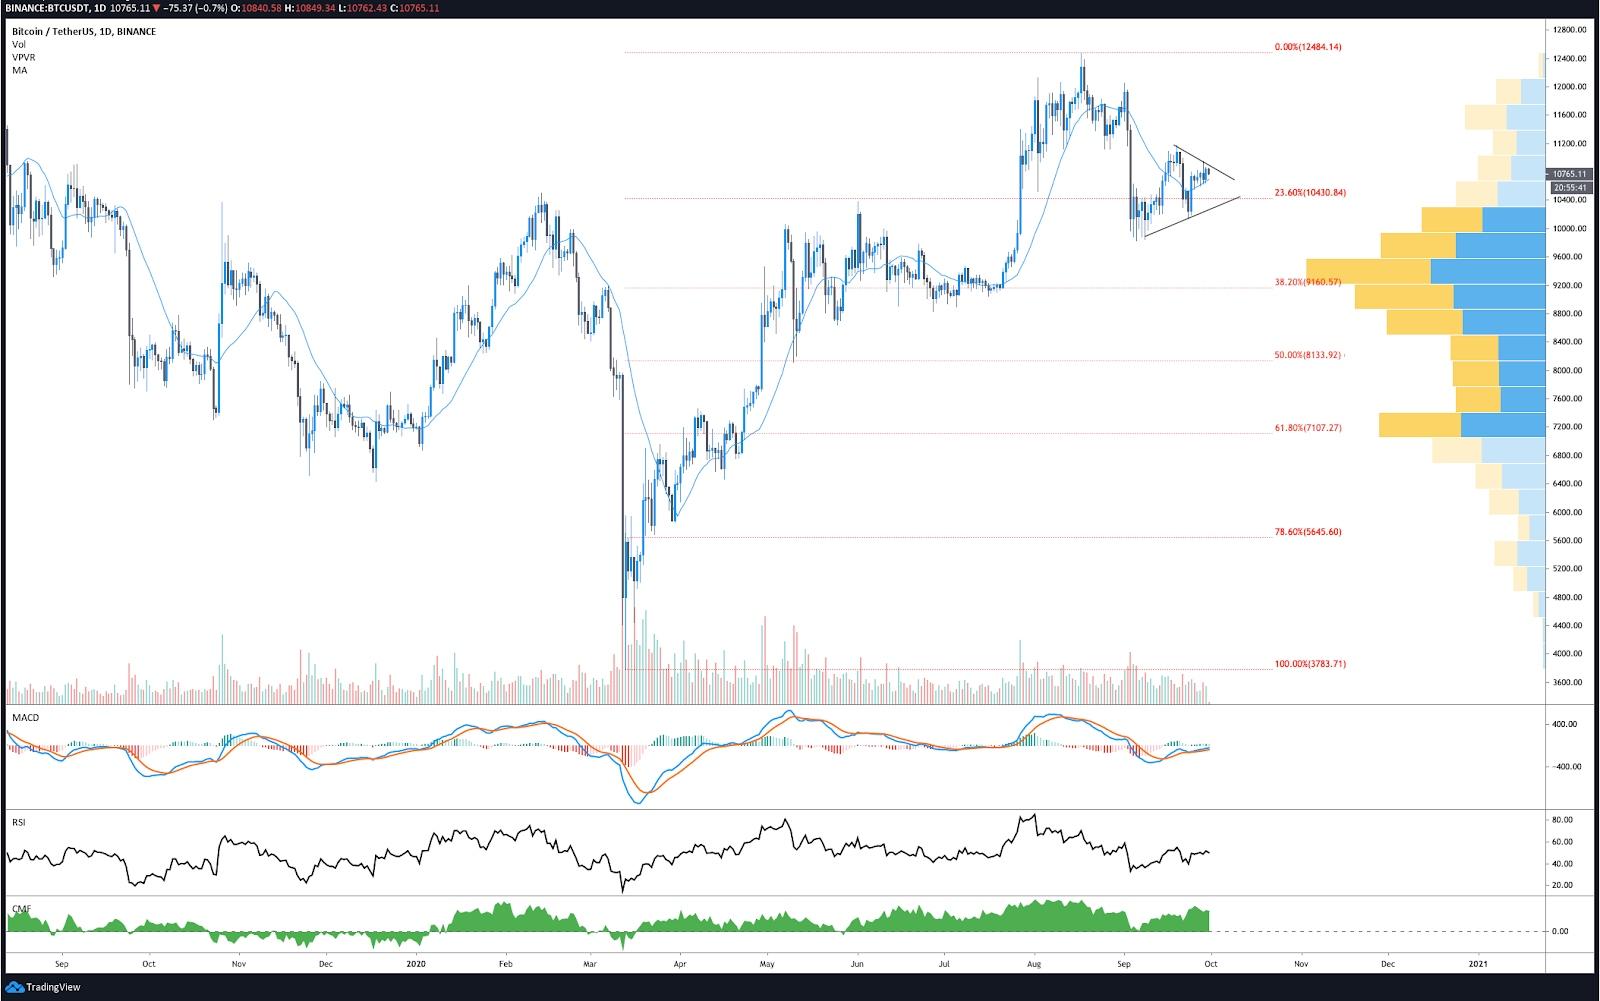 Gráfico de BTC/USDT diario